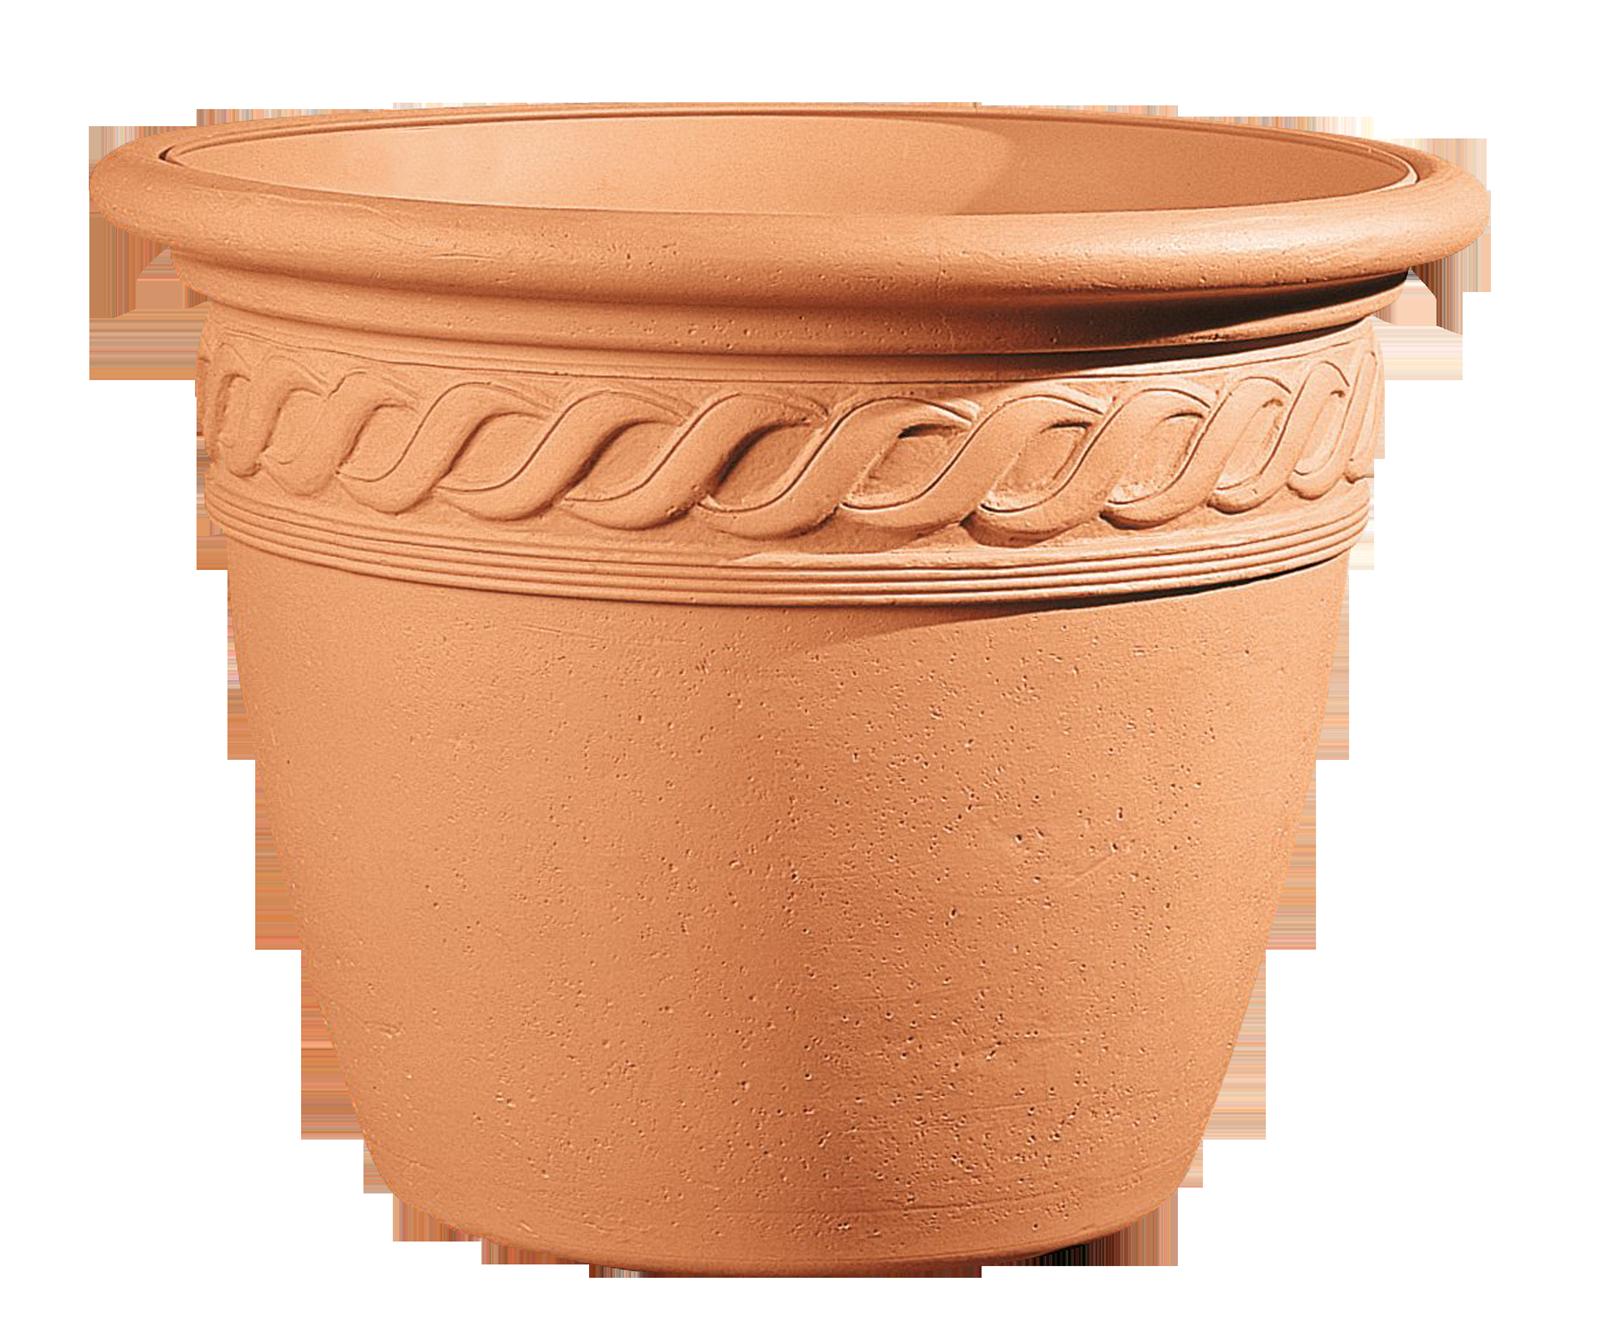 Pot PNG HD - 126997